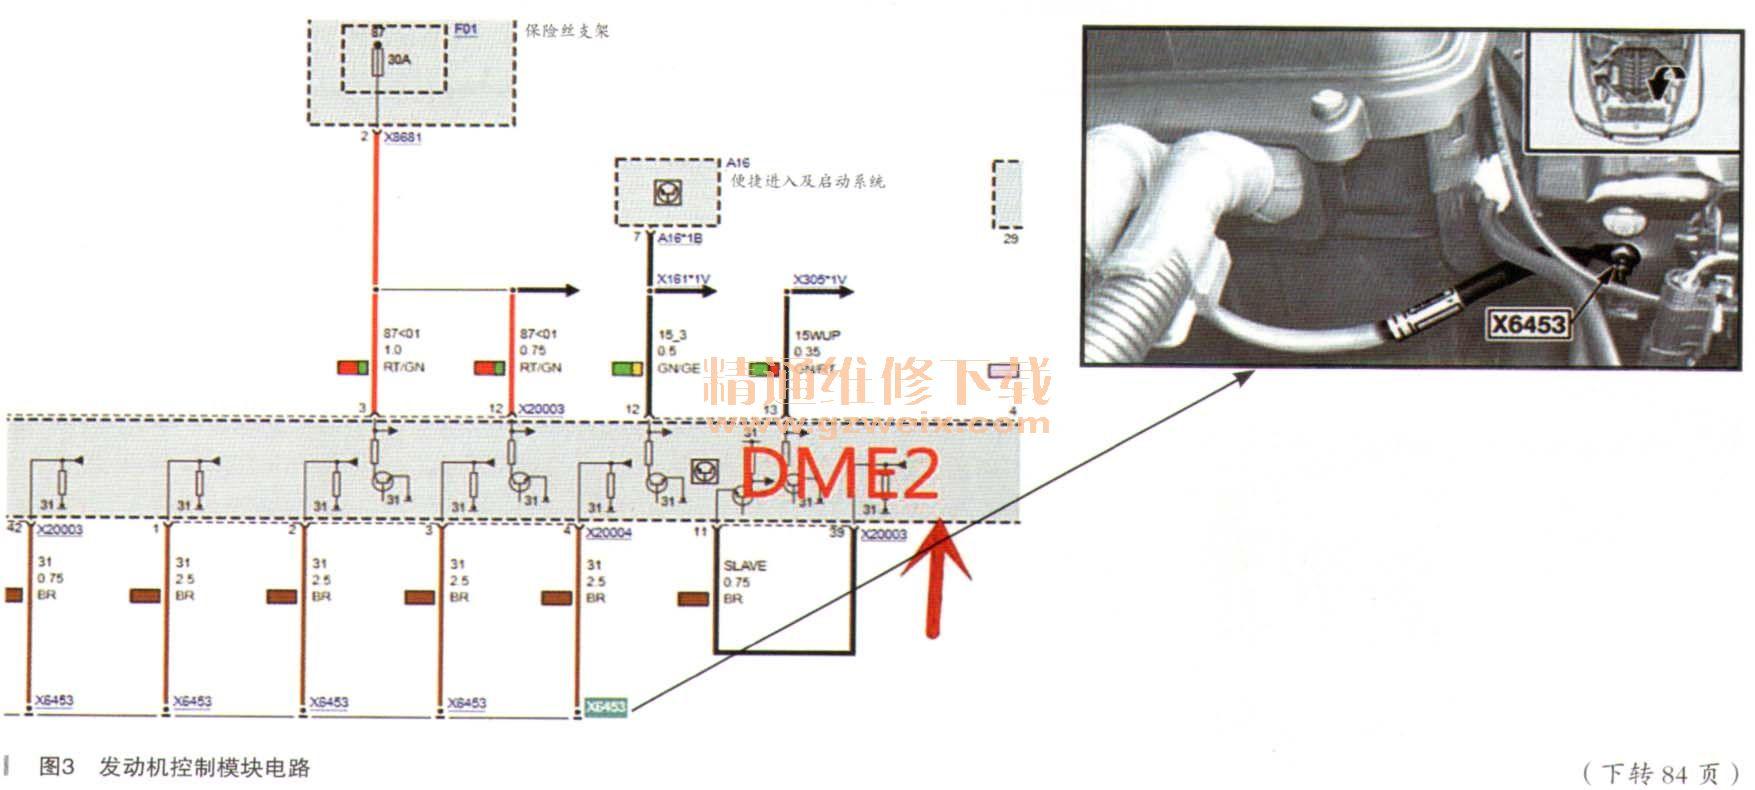 宝马760Li轿车传动系统故障检修高清图片